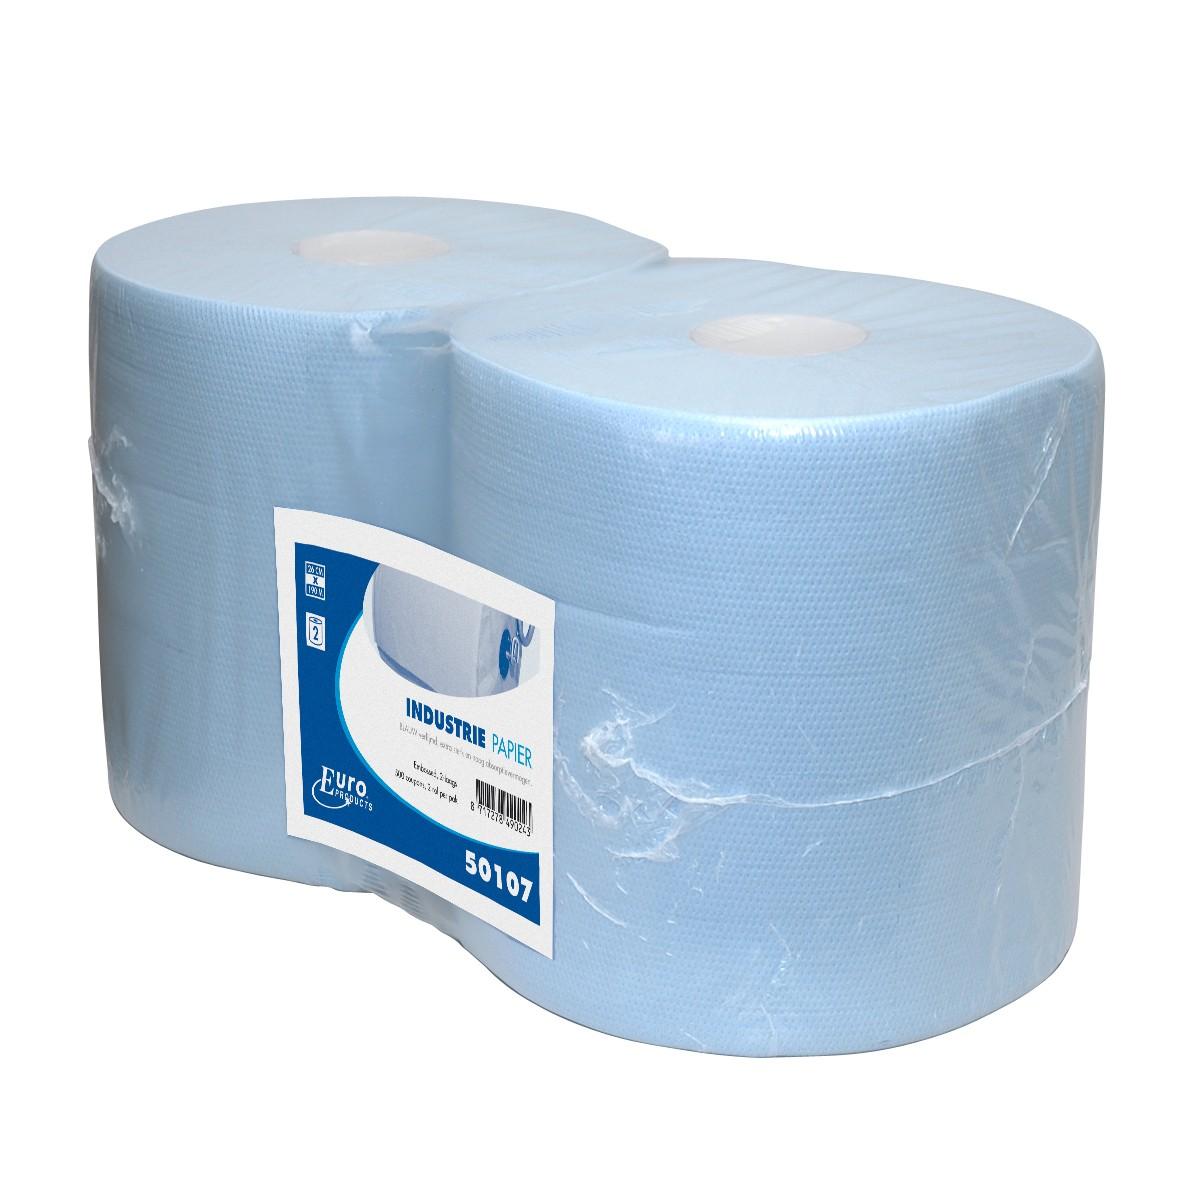 Poetsrol 190 m. x 26 cm. 2-laags blauw, inhoud 2 rollen